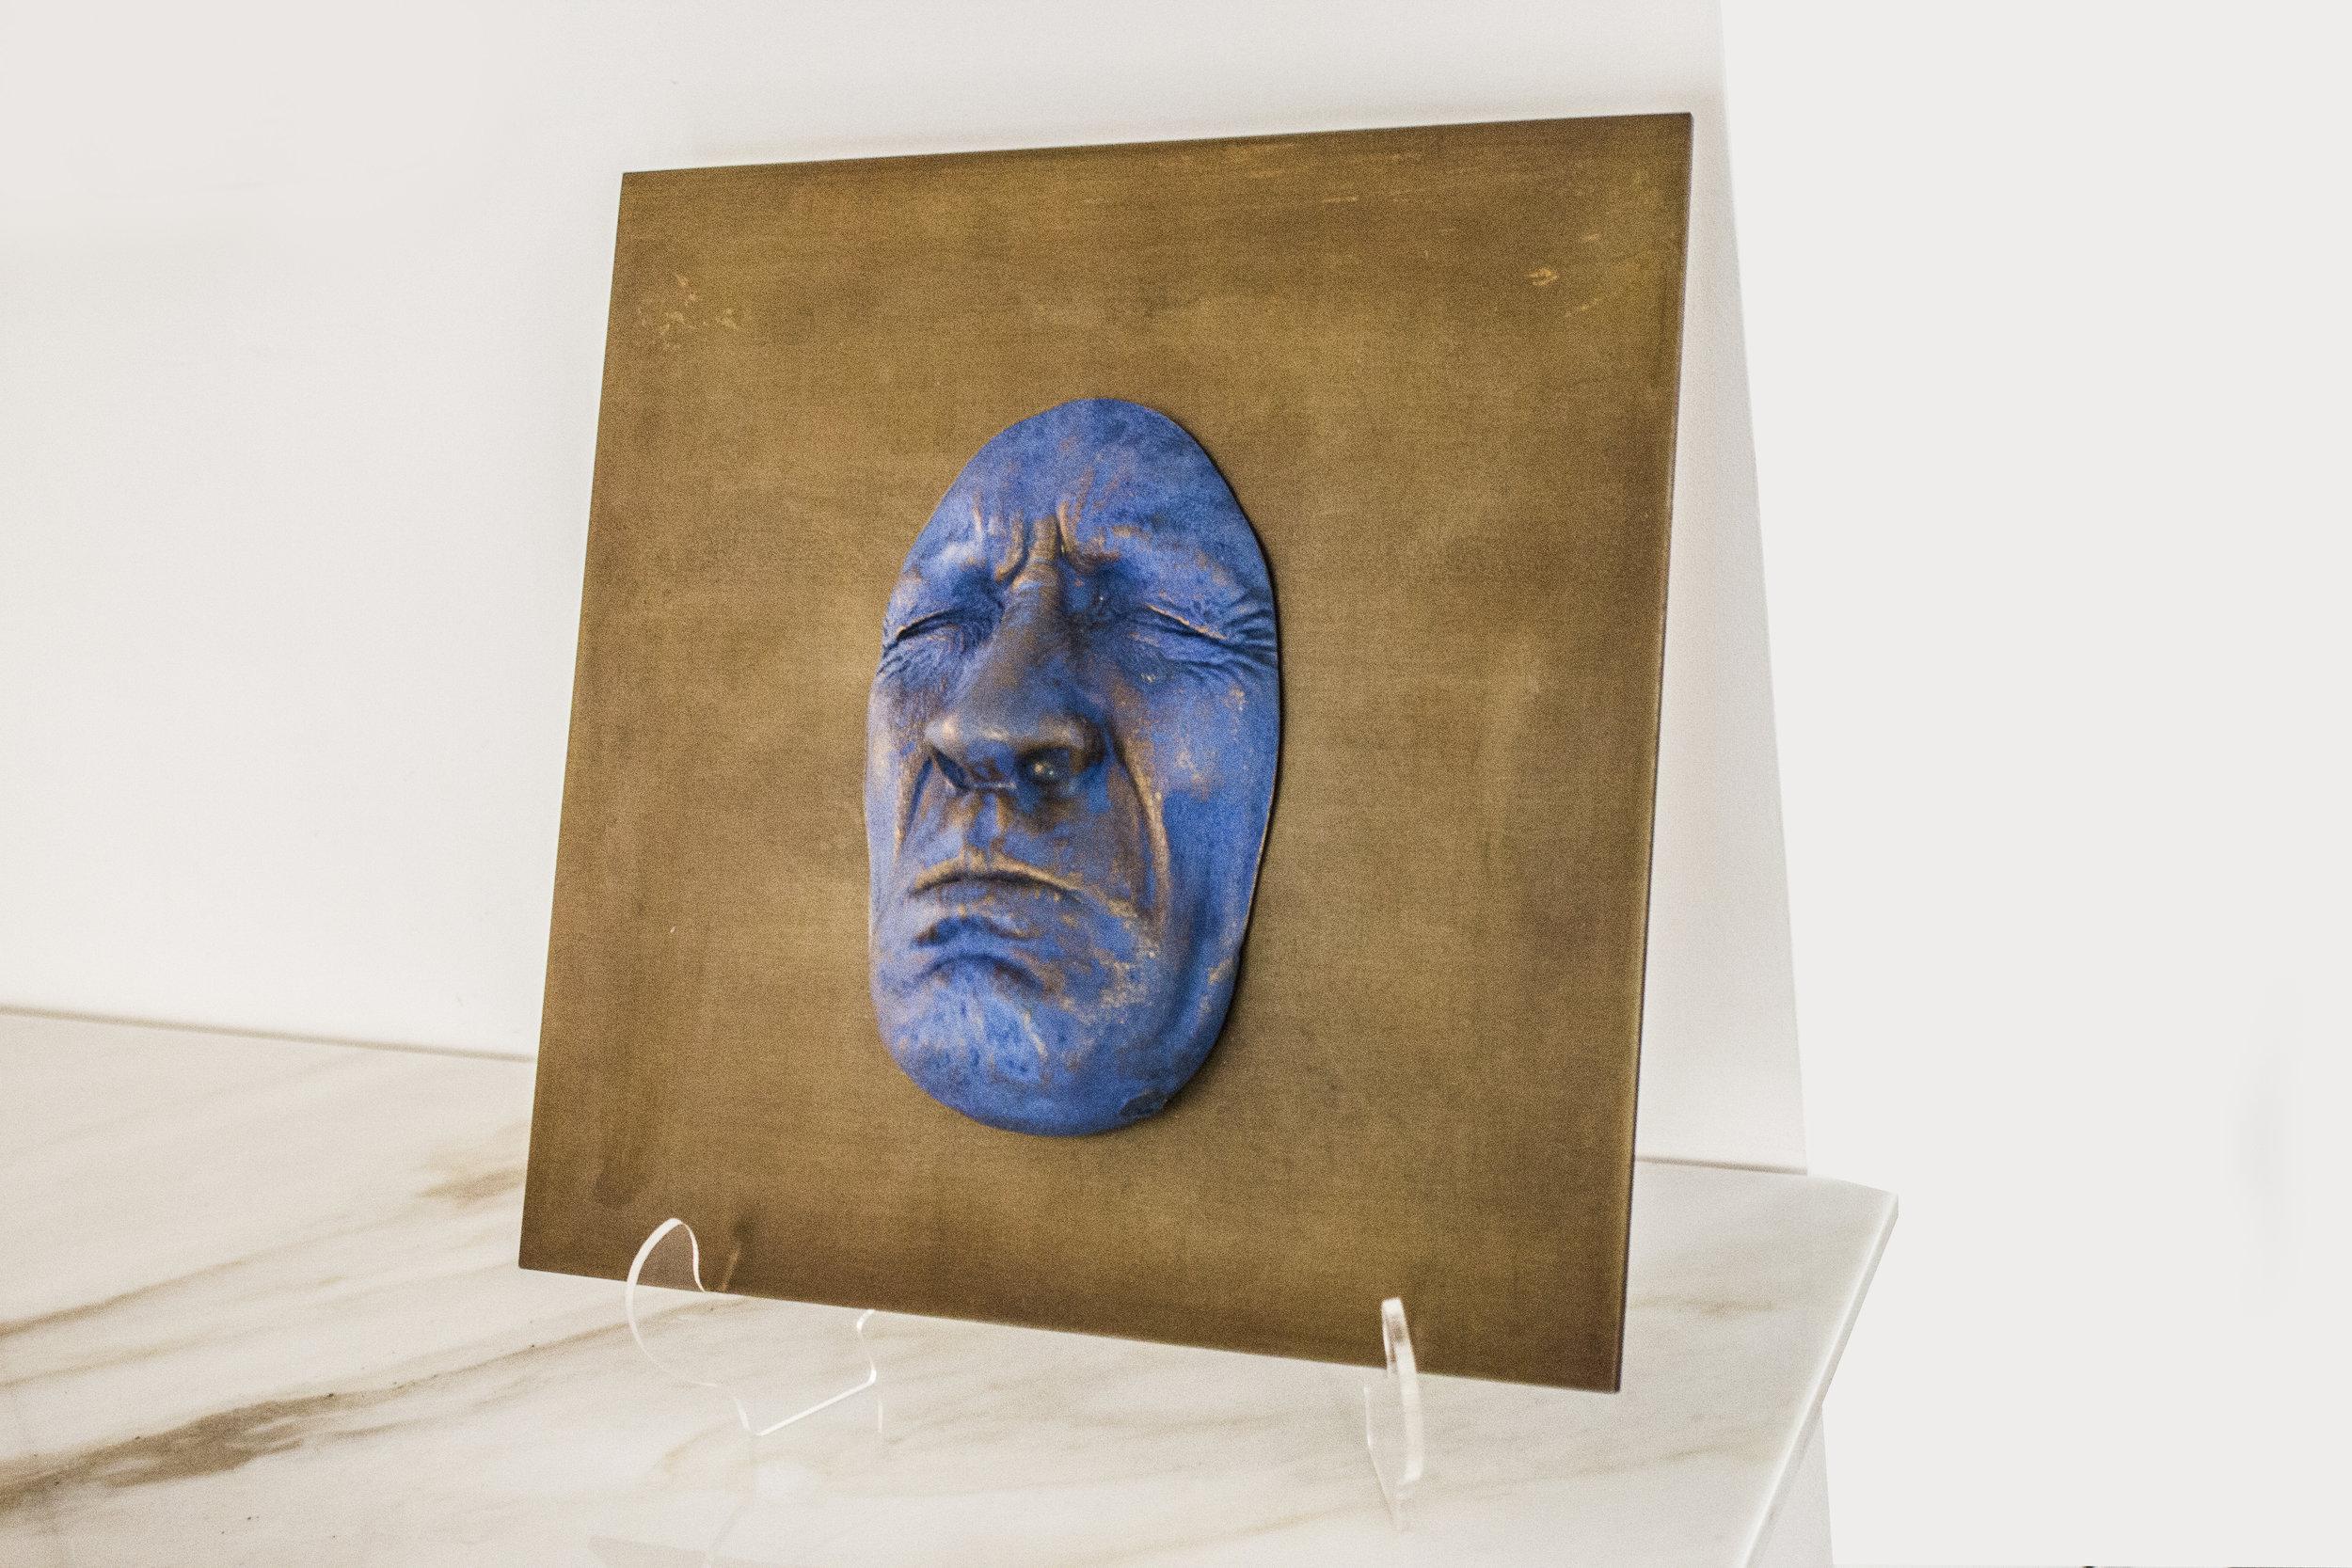 Plaque Bleu La Tristesse - 2013Bronze on steel2/830 x 30 cm